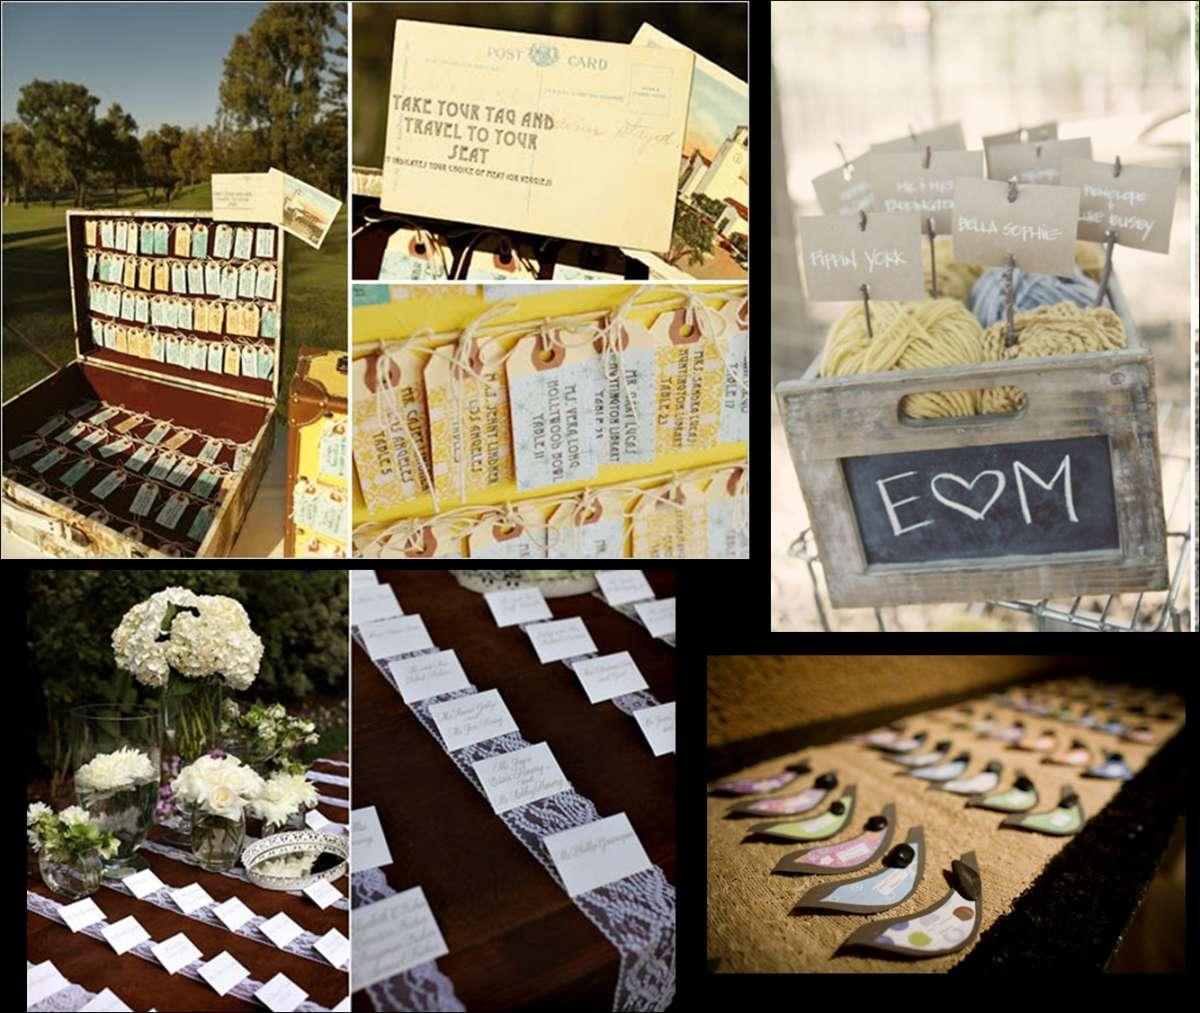 Tante idee per i tableau per matrimonio pi originali foto pourfemme - Idee originali per segnaposto matrimonio ...